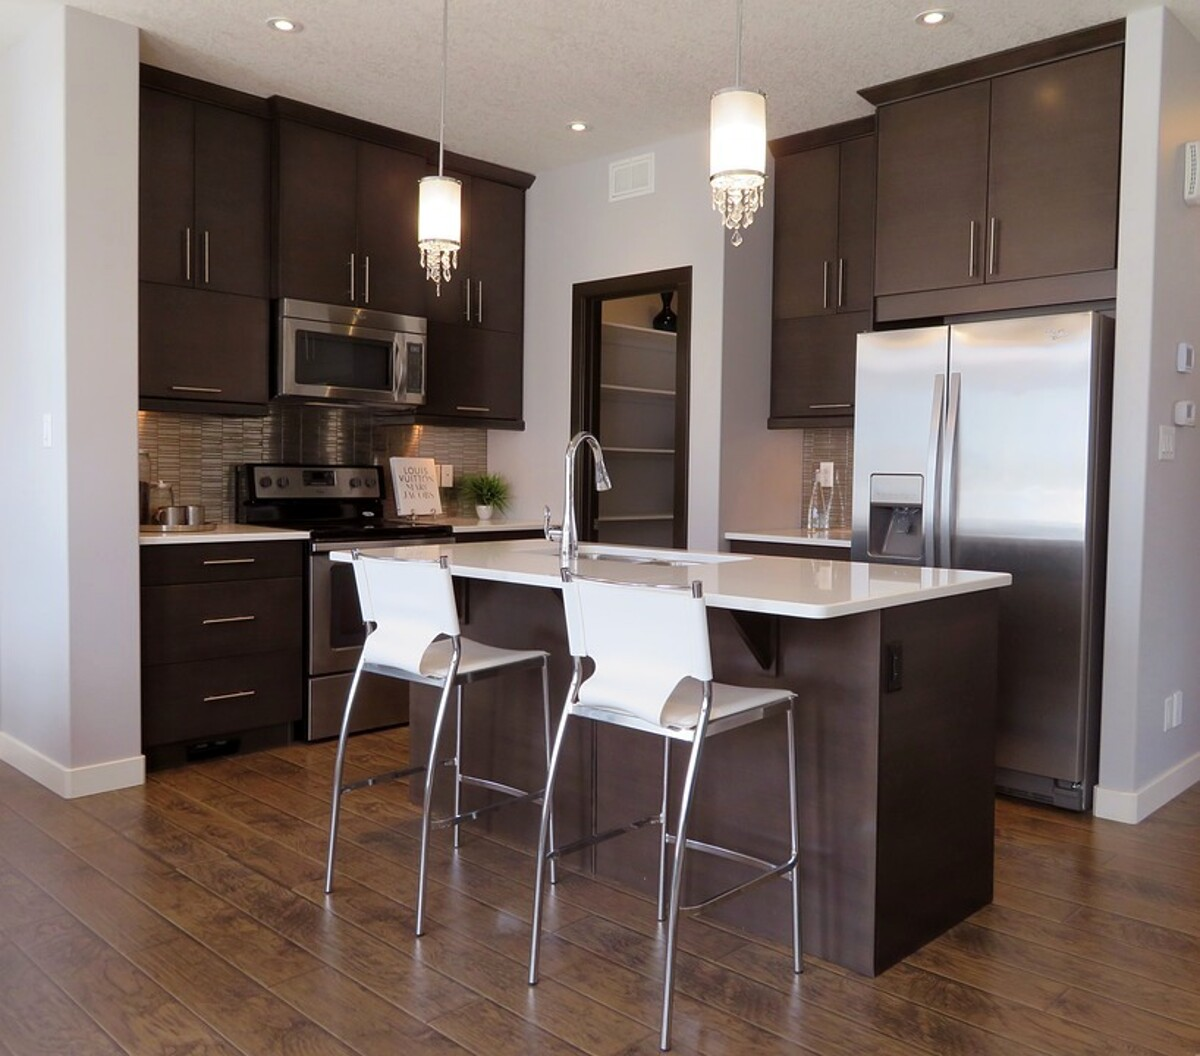 Arredamento: come scegliere il frigorifero giusto per la tua cucina